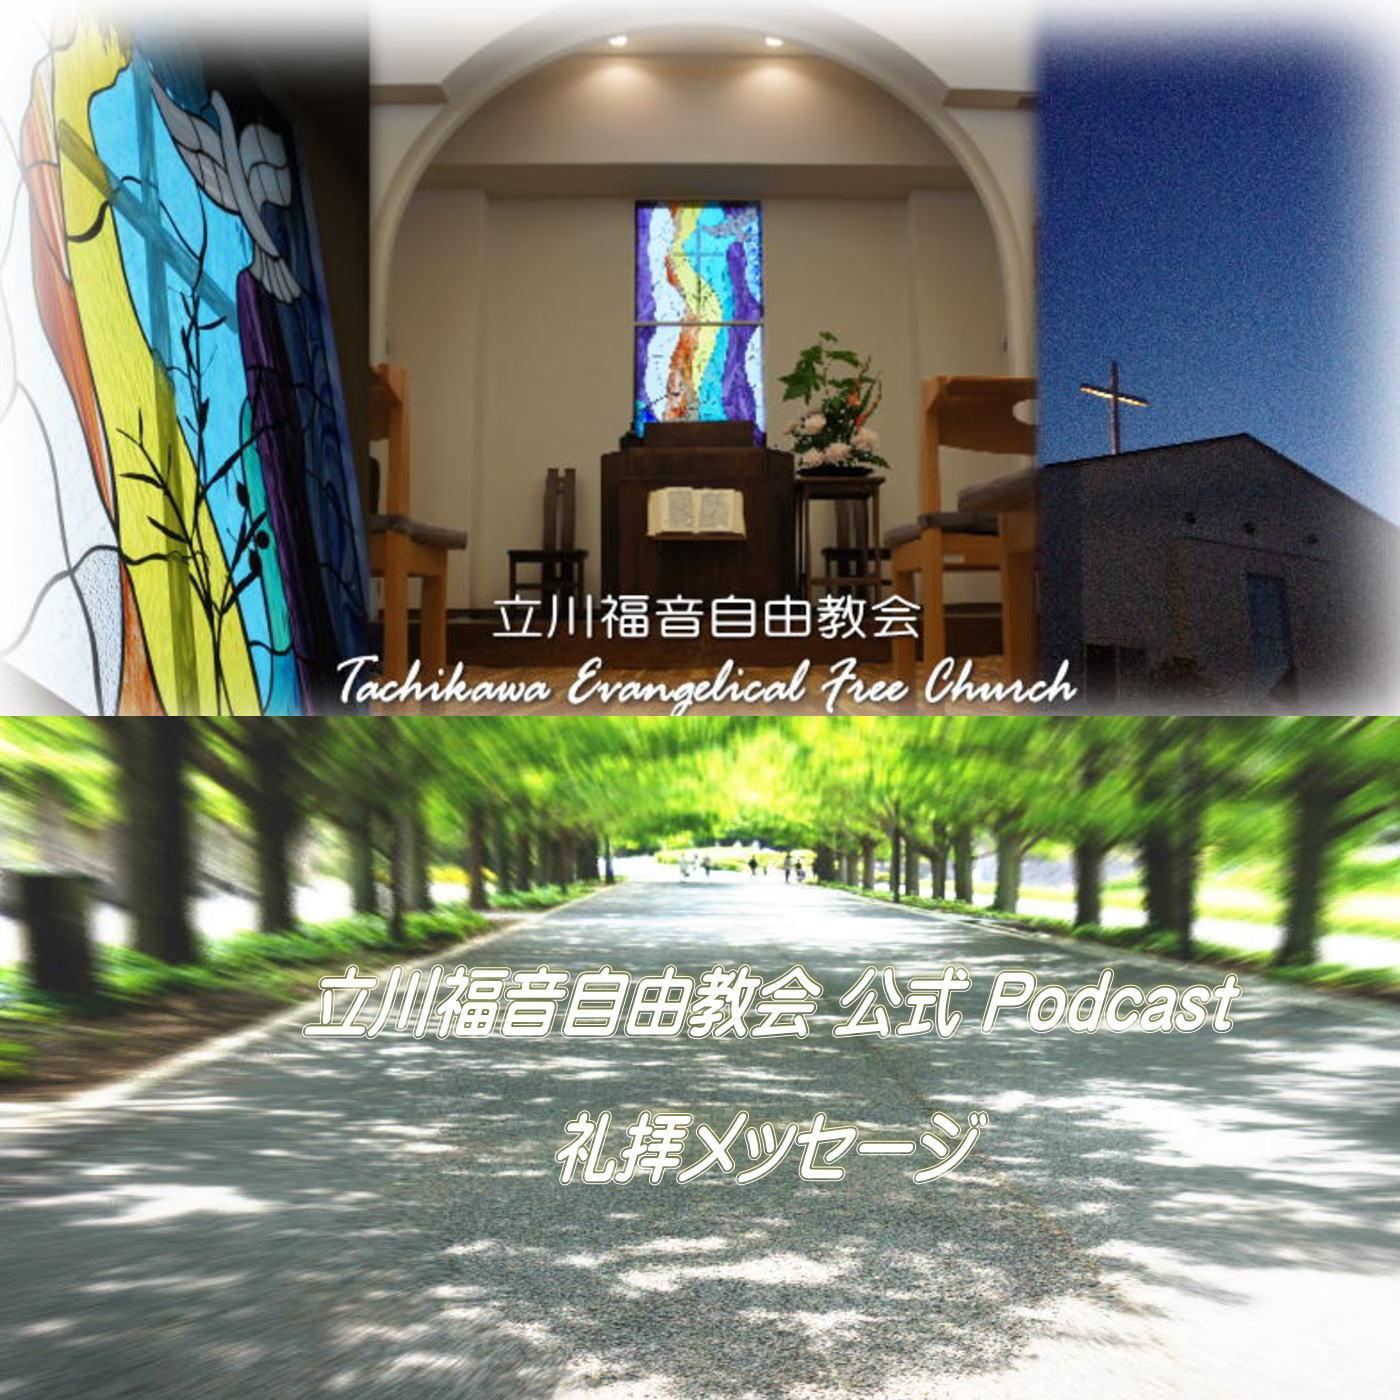 立川福音自由教会 公式Podcast